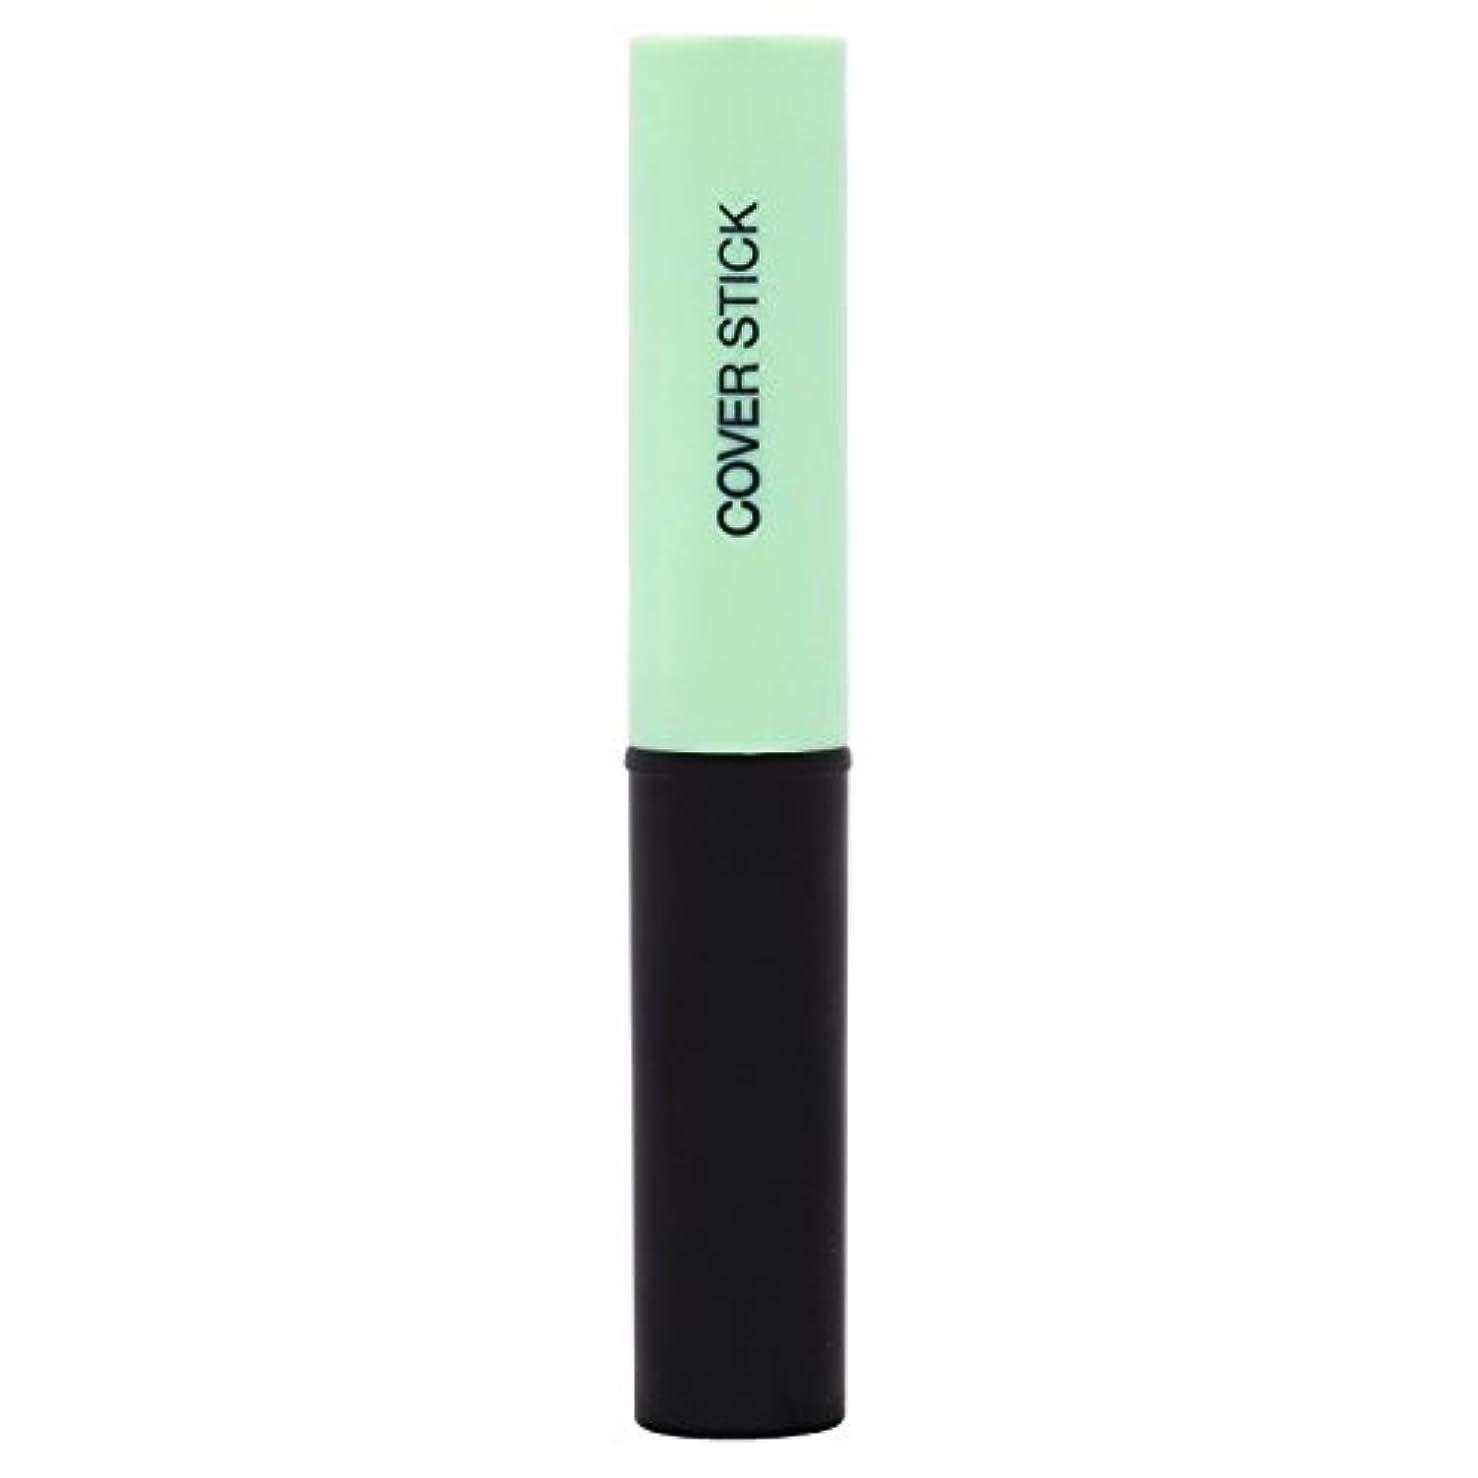 ダイエット喜んで謎めいたGemey Maybelline Cover Stick Concealer 24 Anti-Redness Green by Maybelline